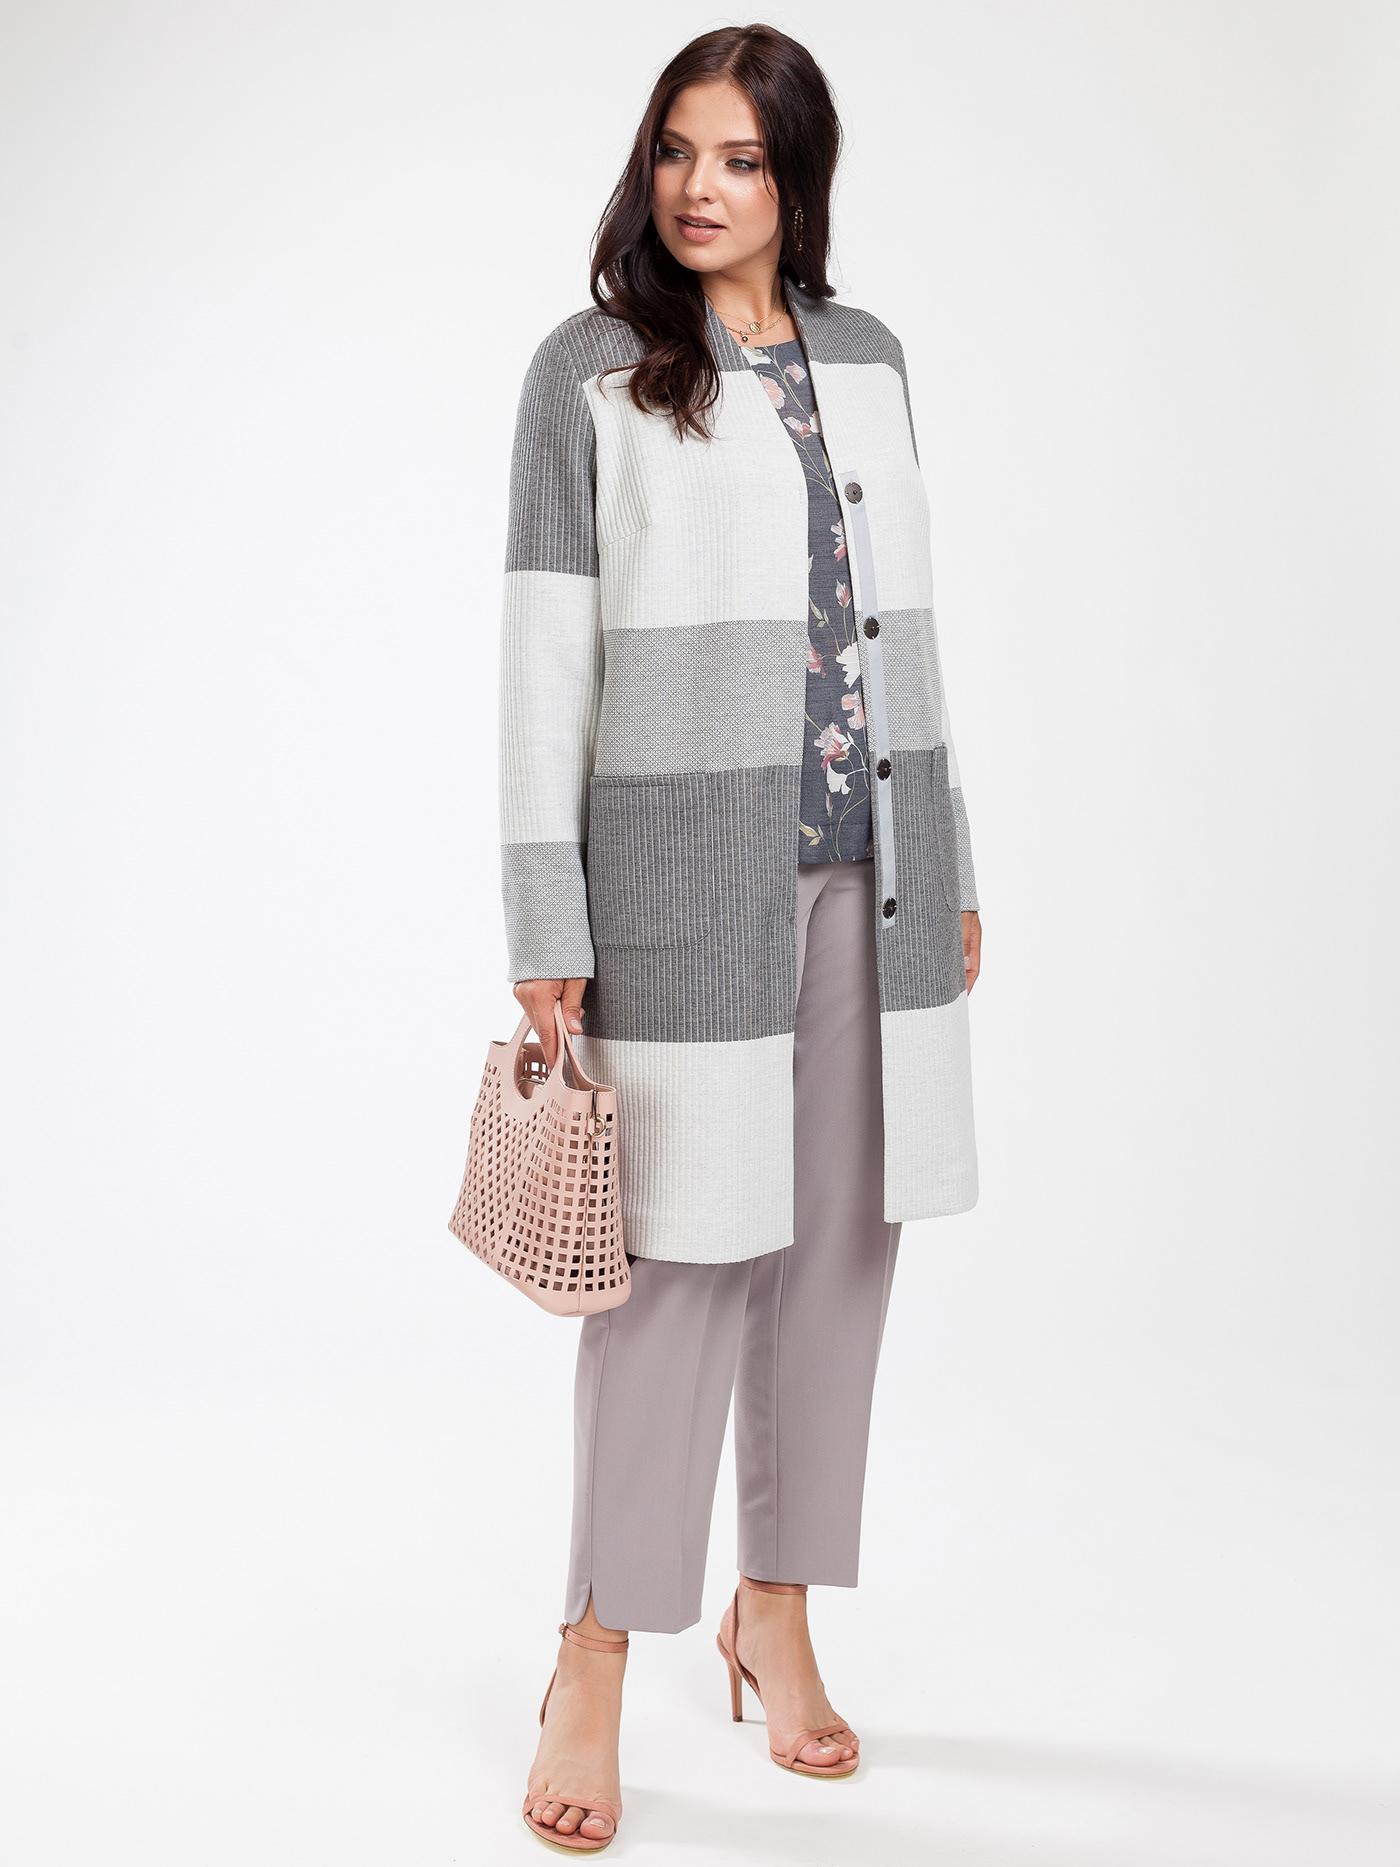 Image may contain: person, coat and handbag